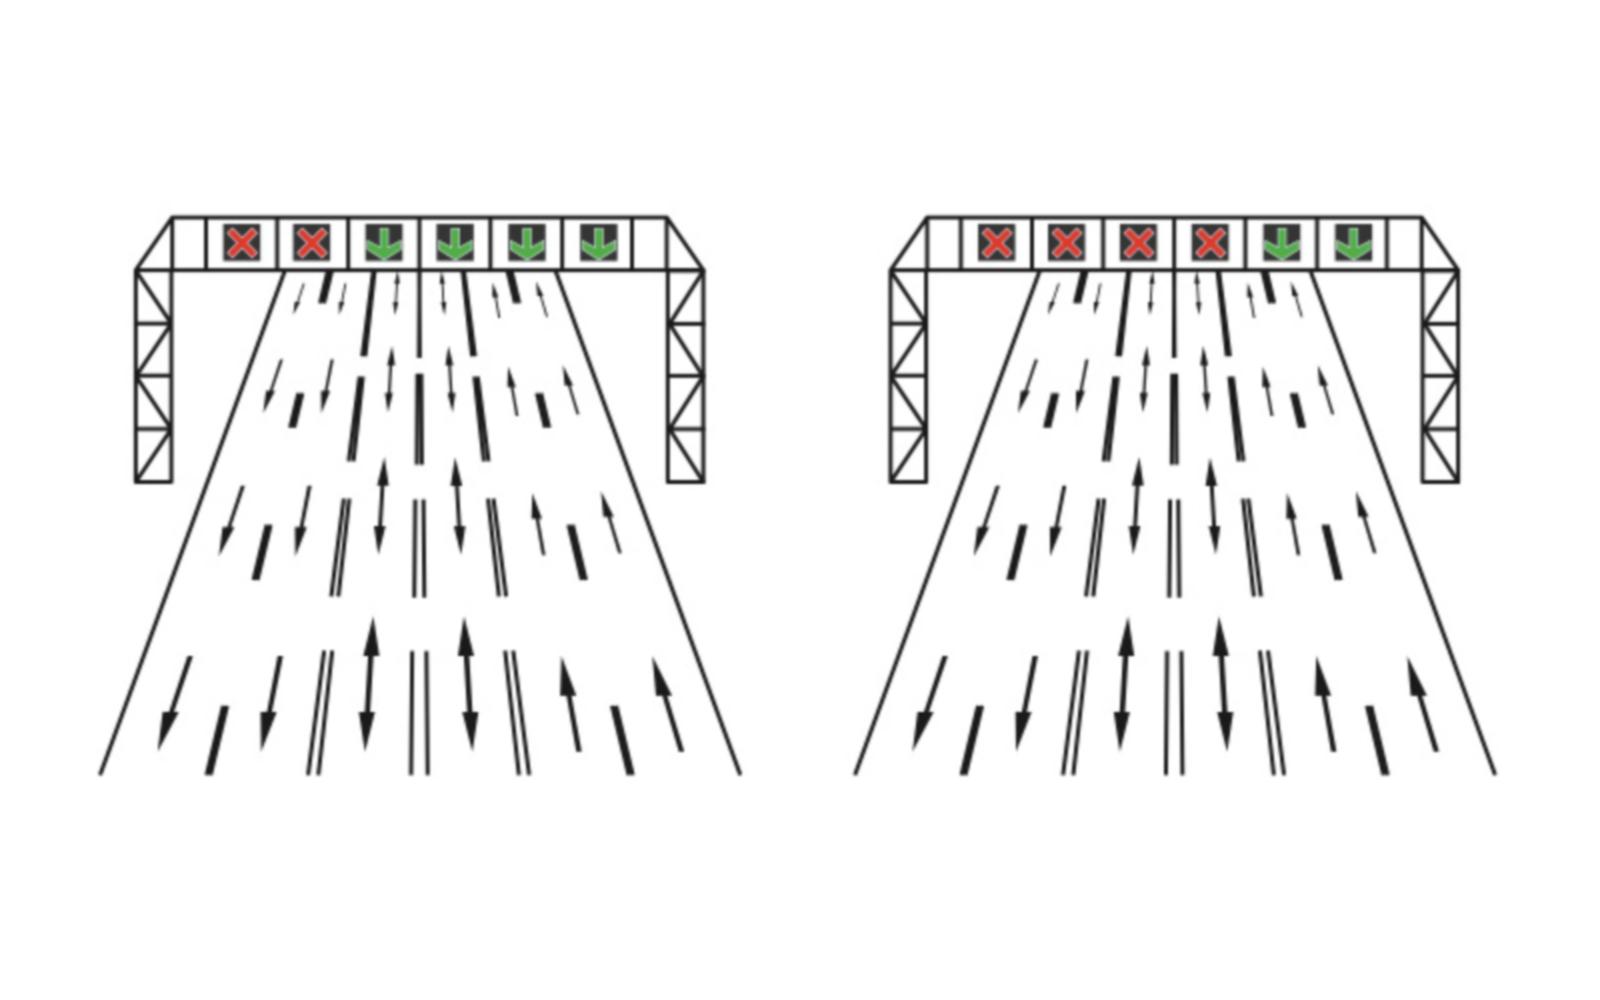 Dispozitive luminoase pentru dirijarea circulației pe benzi reversibile